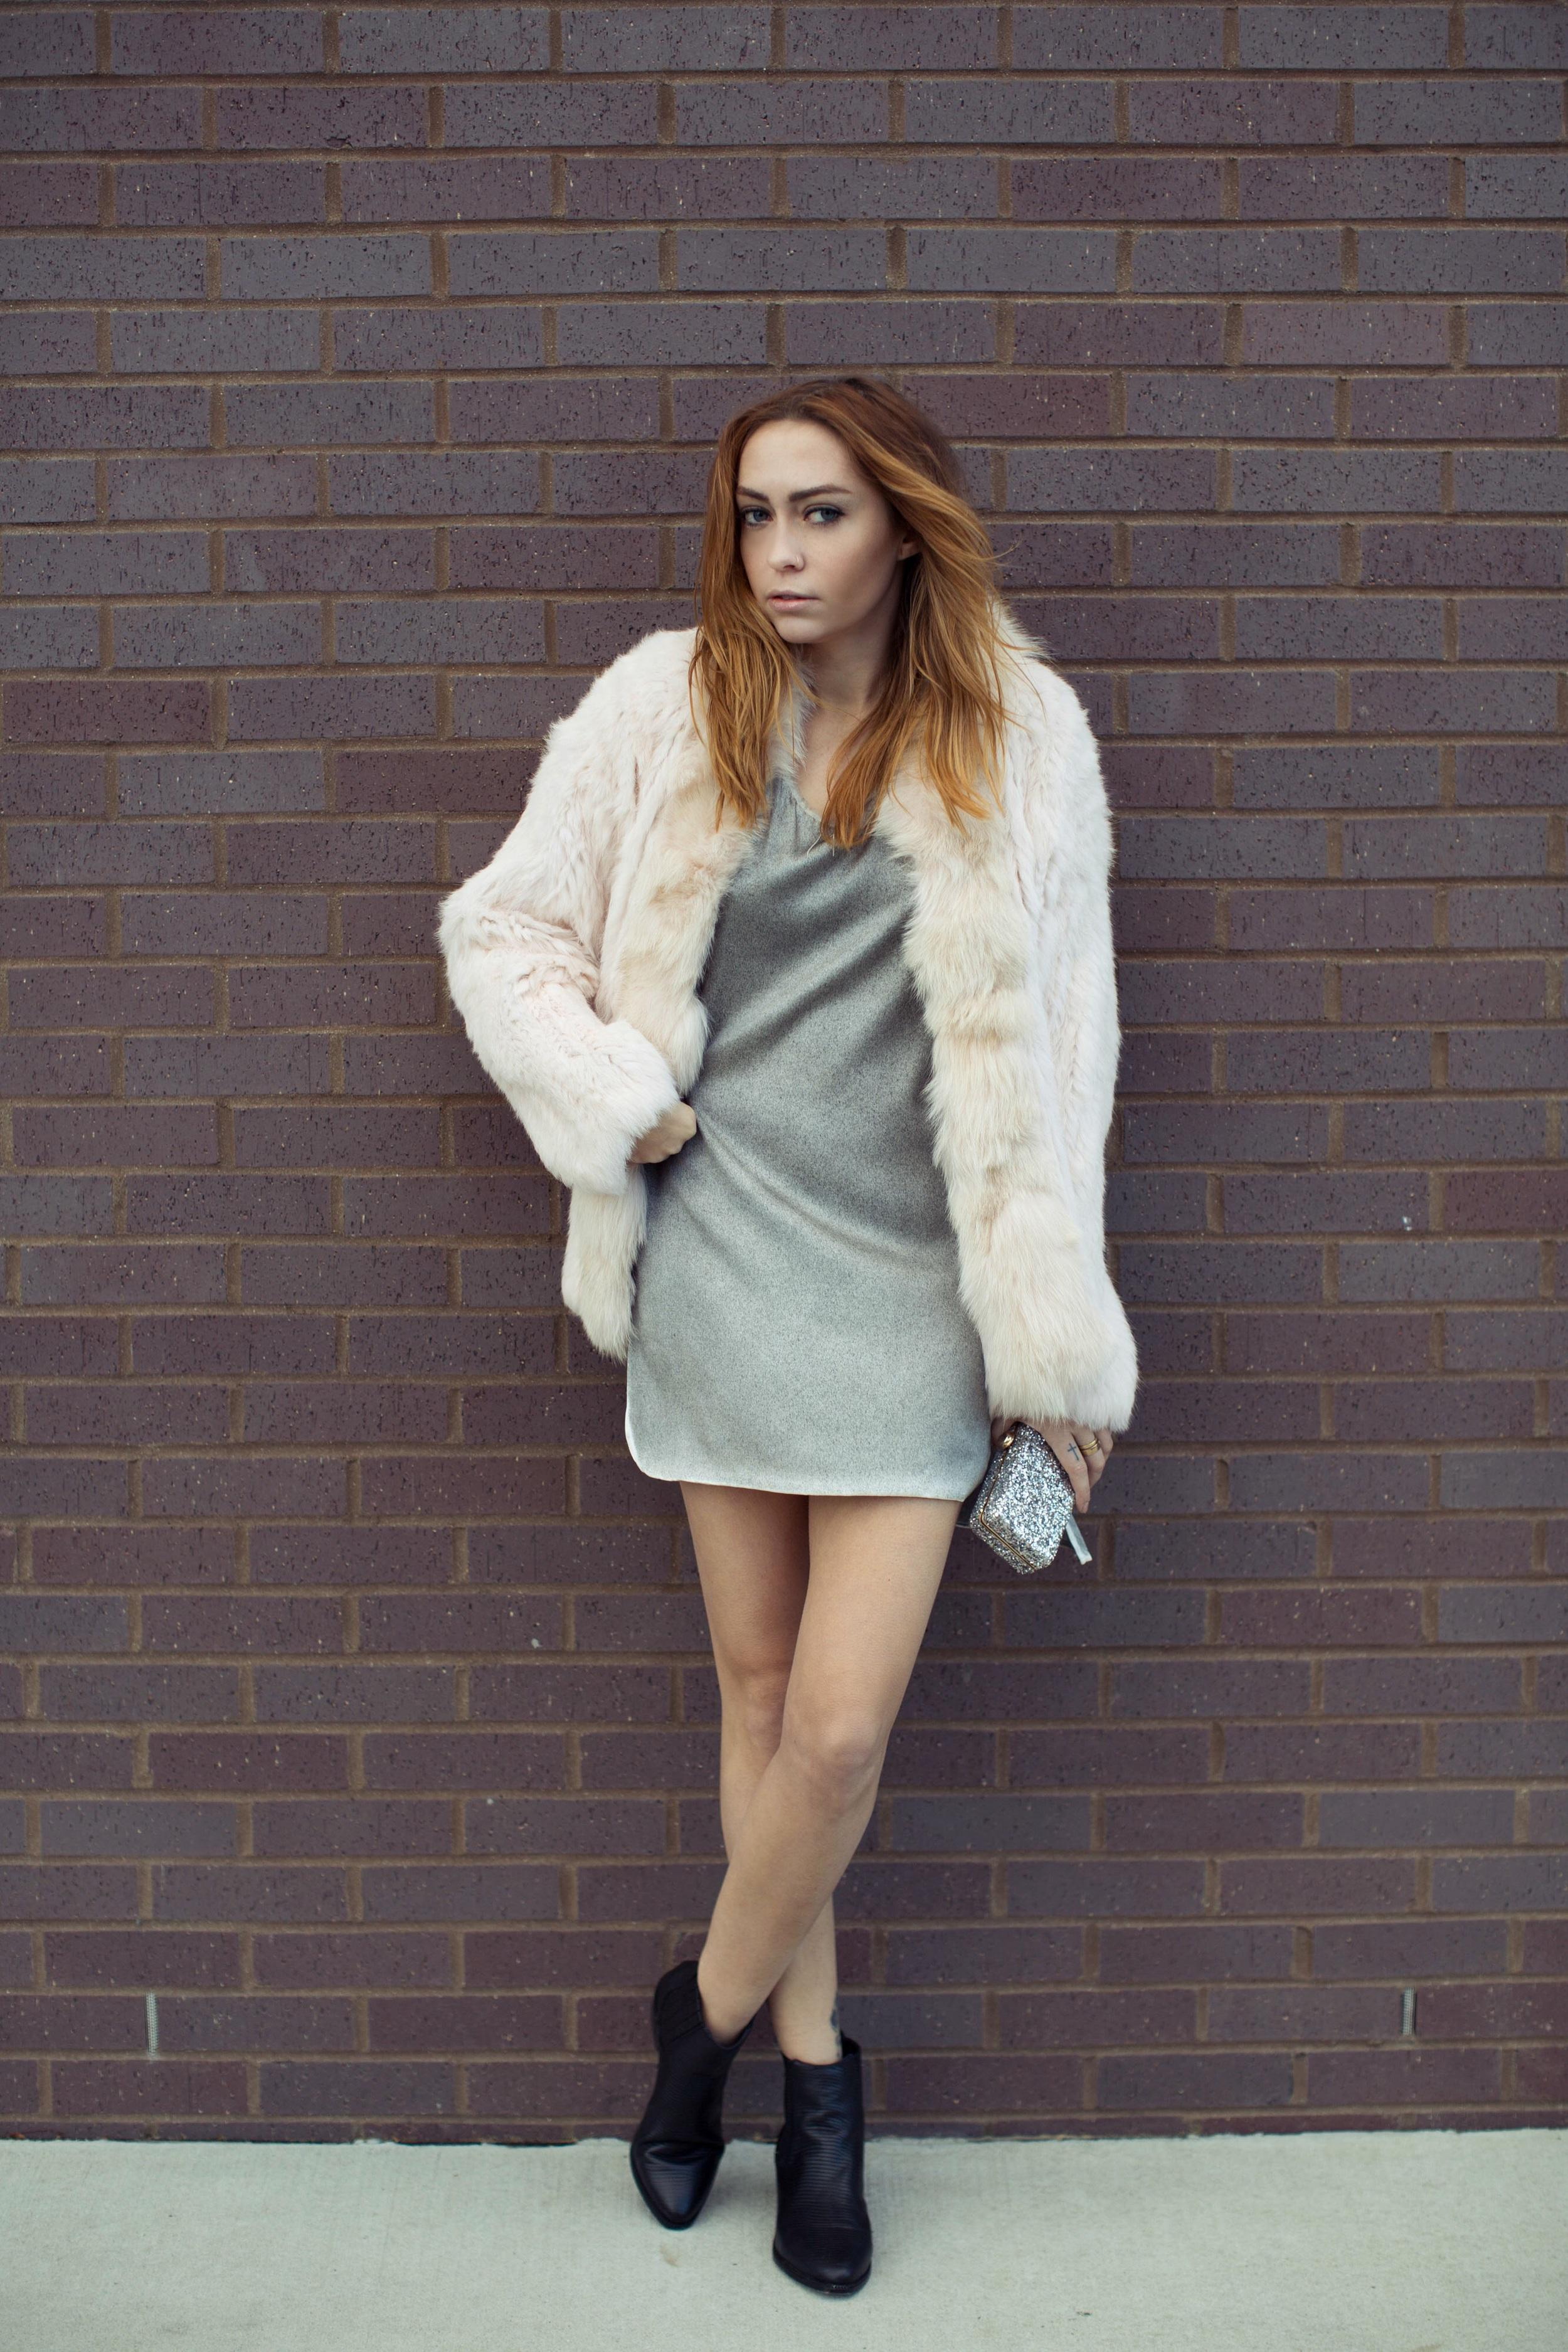 Jacket - Elizabeth & James    Dress - Aviu    Boots - Senso     Clutch - Deux Lux      photos by Susannah Brittany